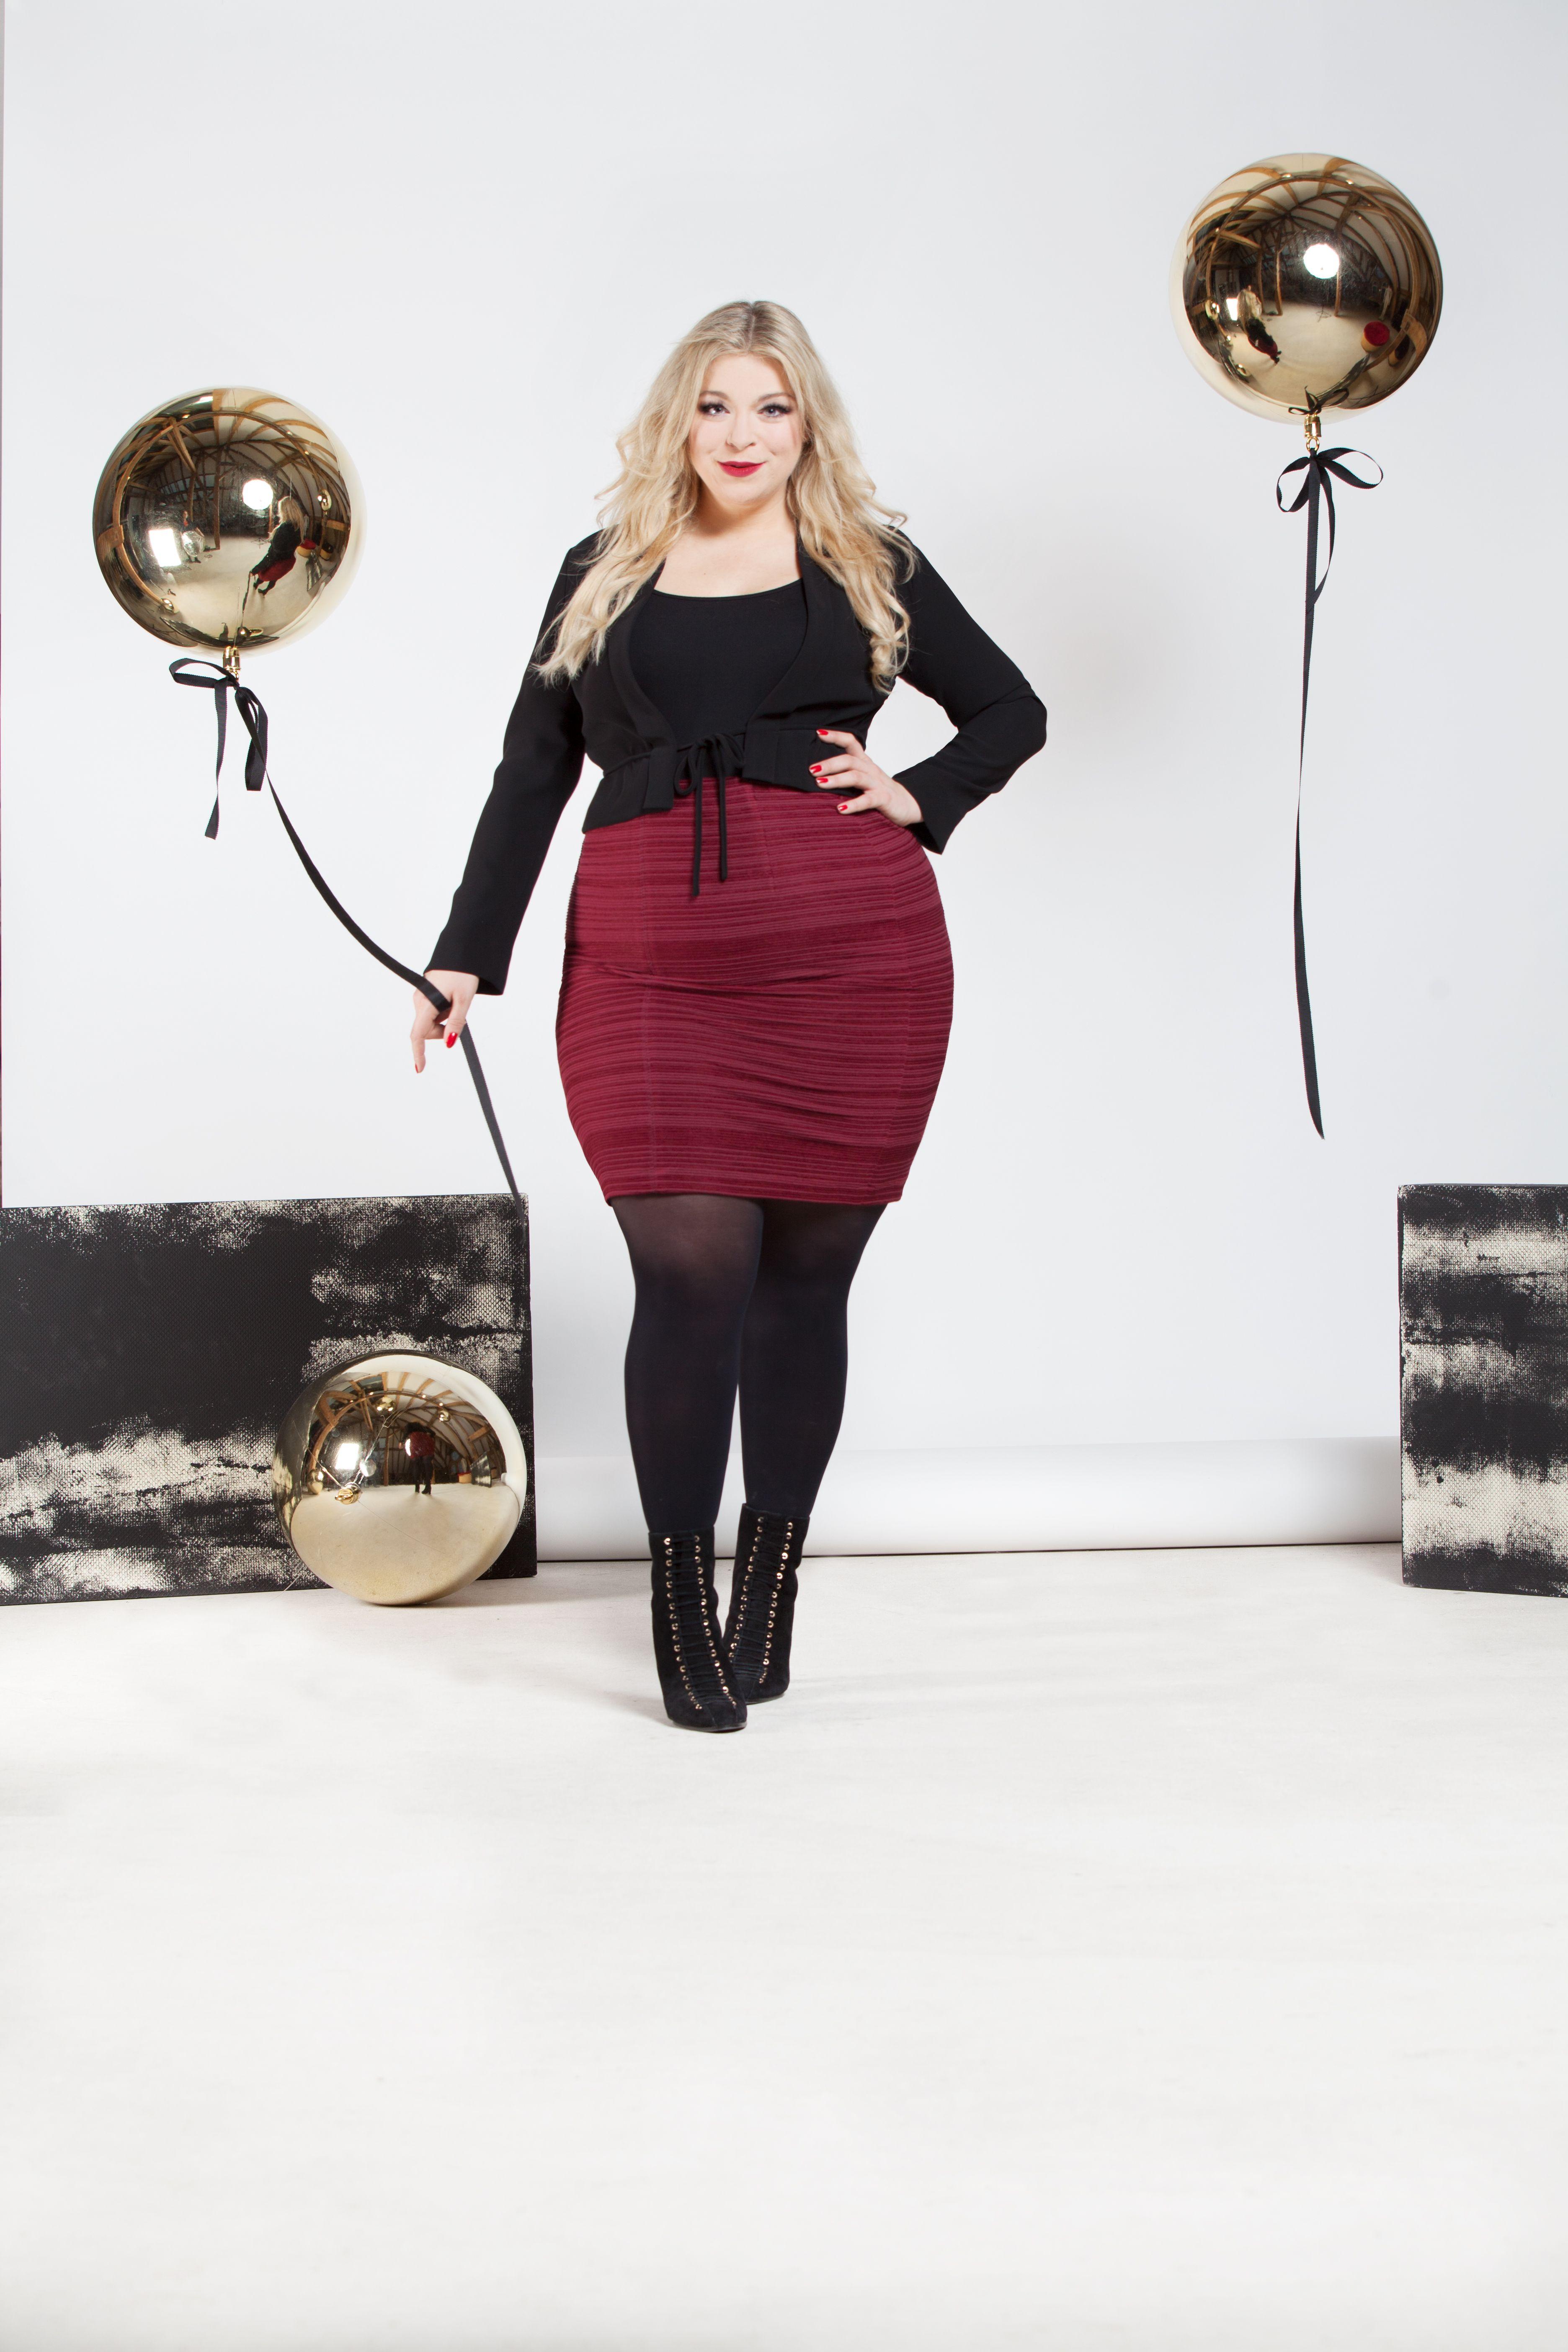 Mode In Grossen Grossen Evelin Brandt Berlin In 2020 Mit Bildern Mode Grosse Grossen Mode Modeideen